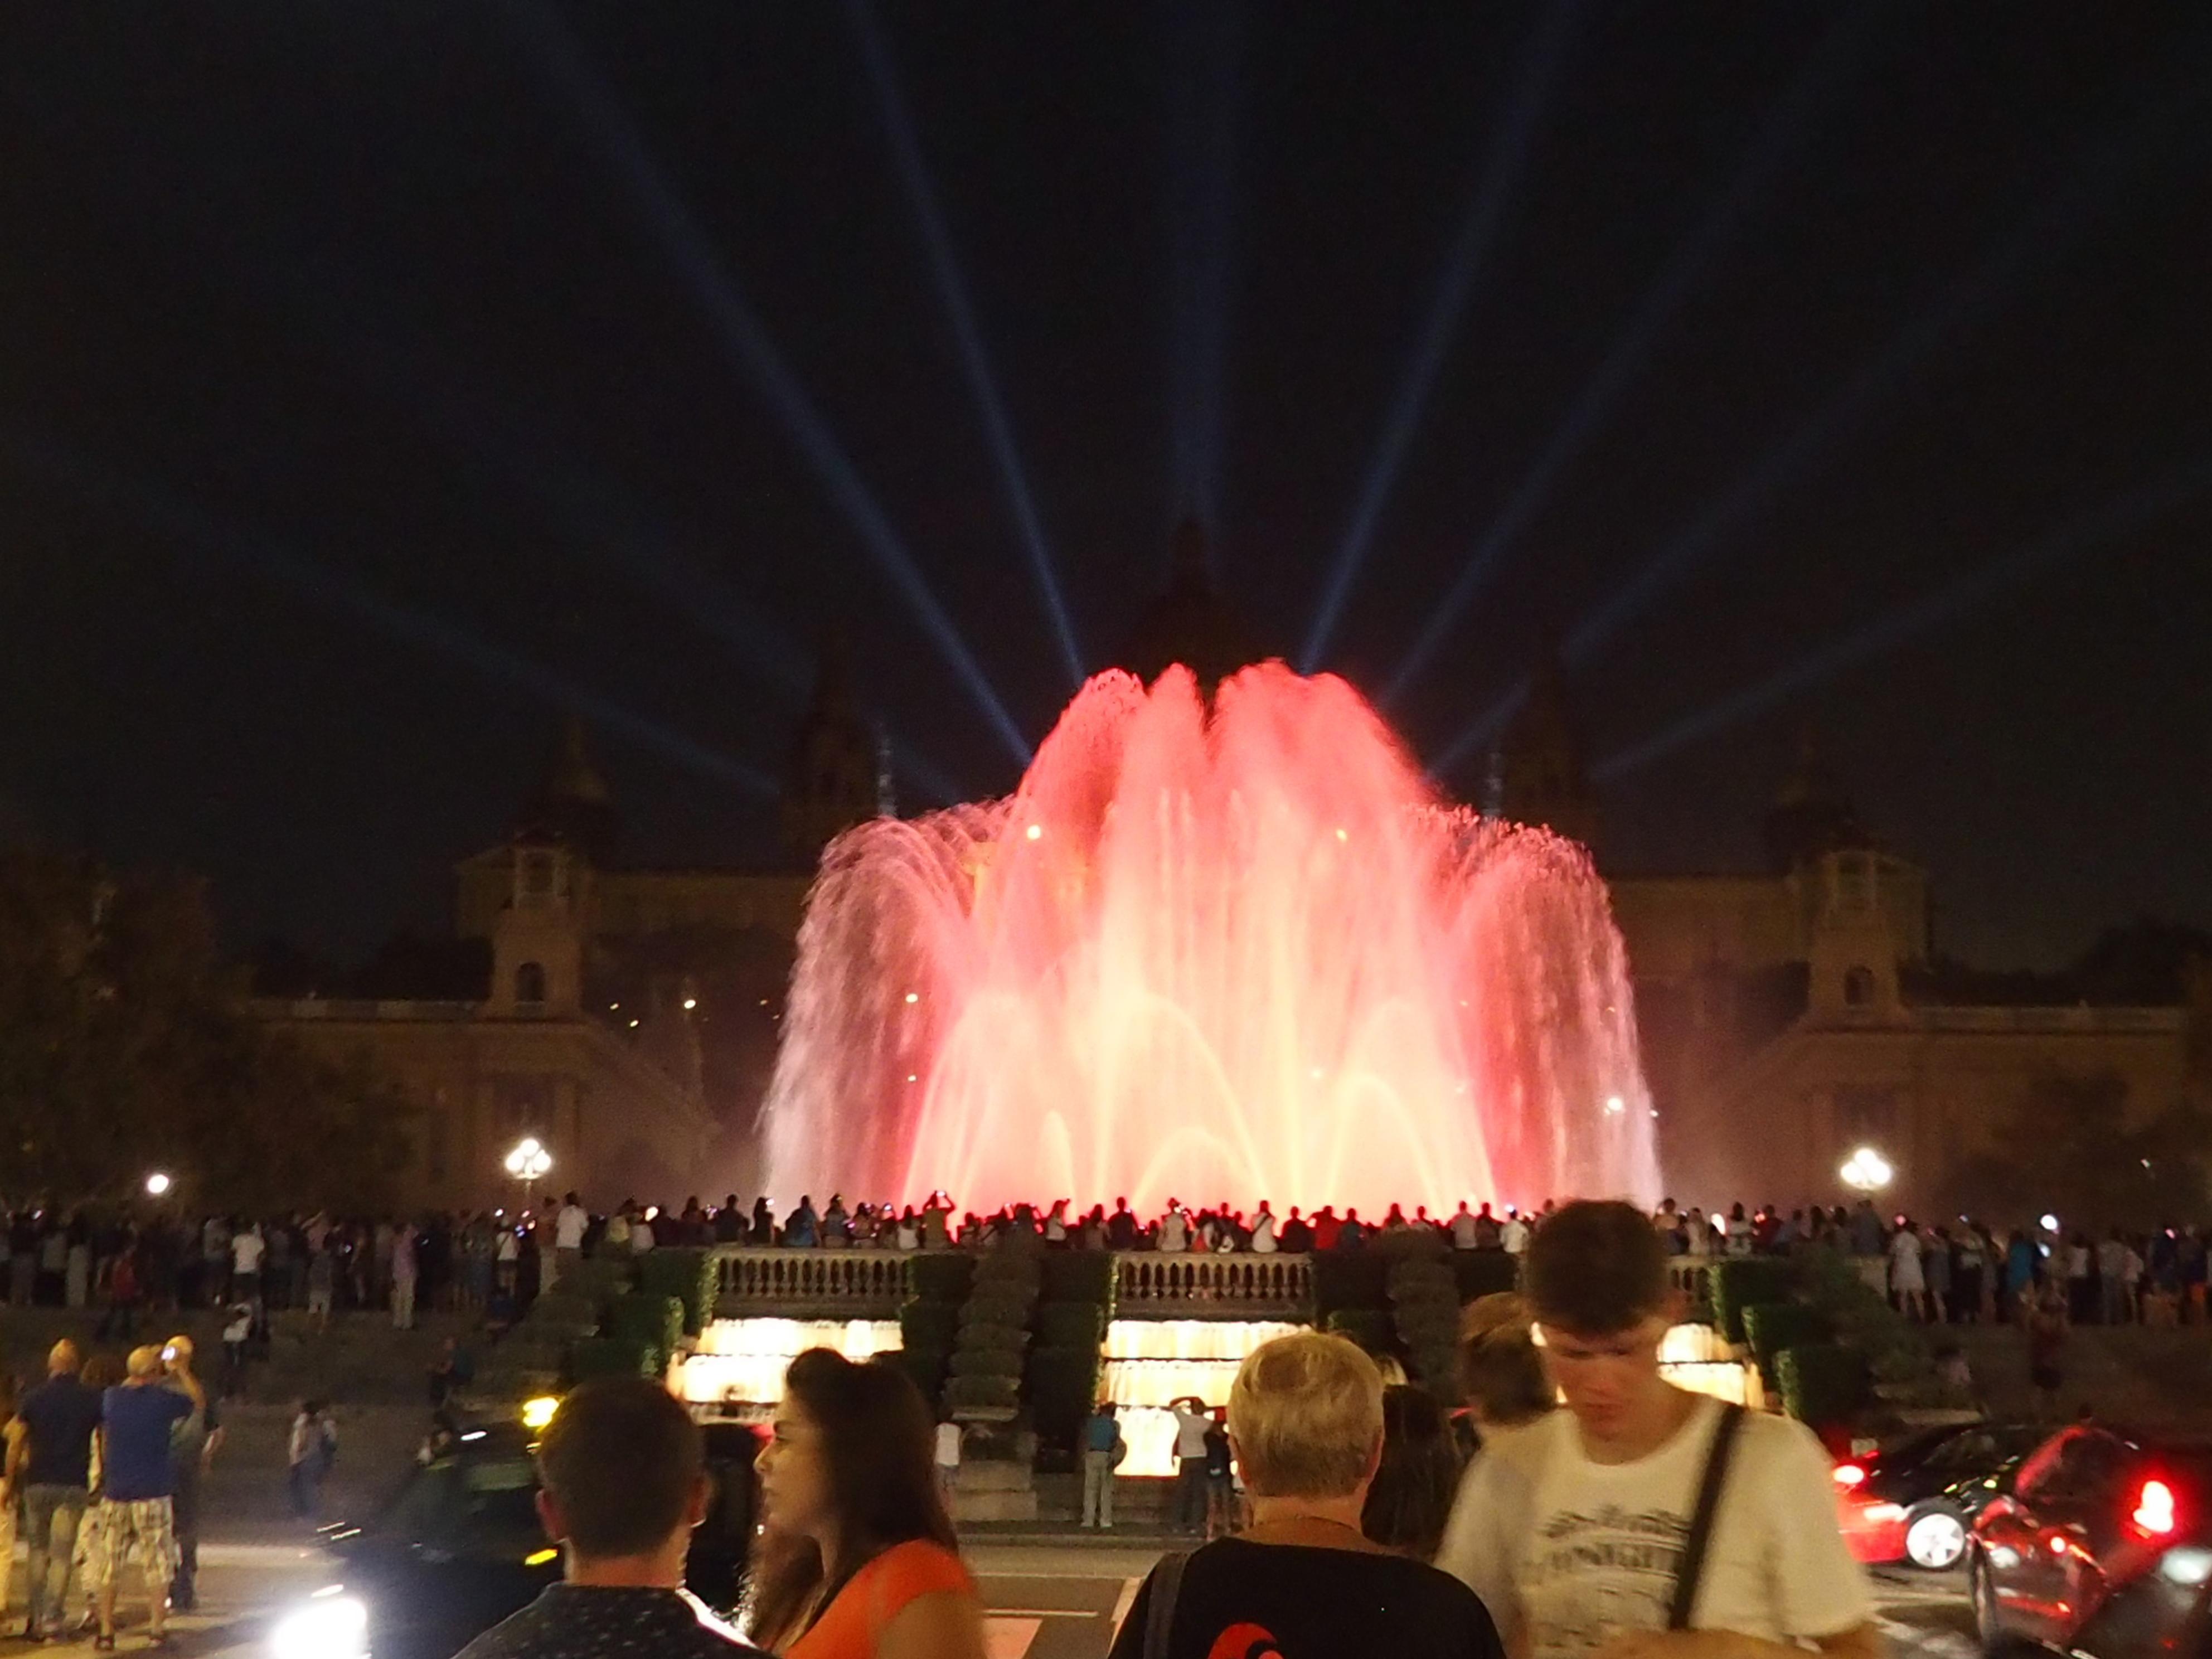 Ekskurzija Španjolska 2014. – Fontane u Barceloni